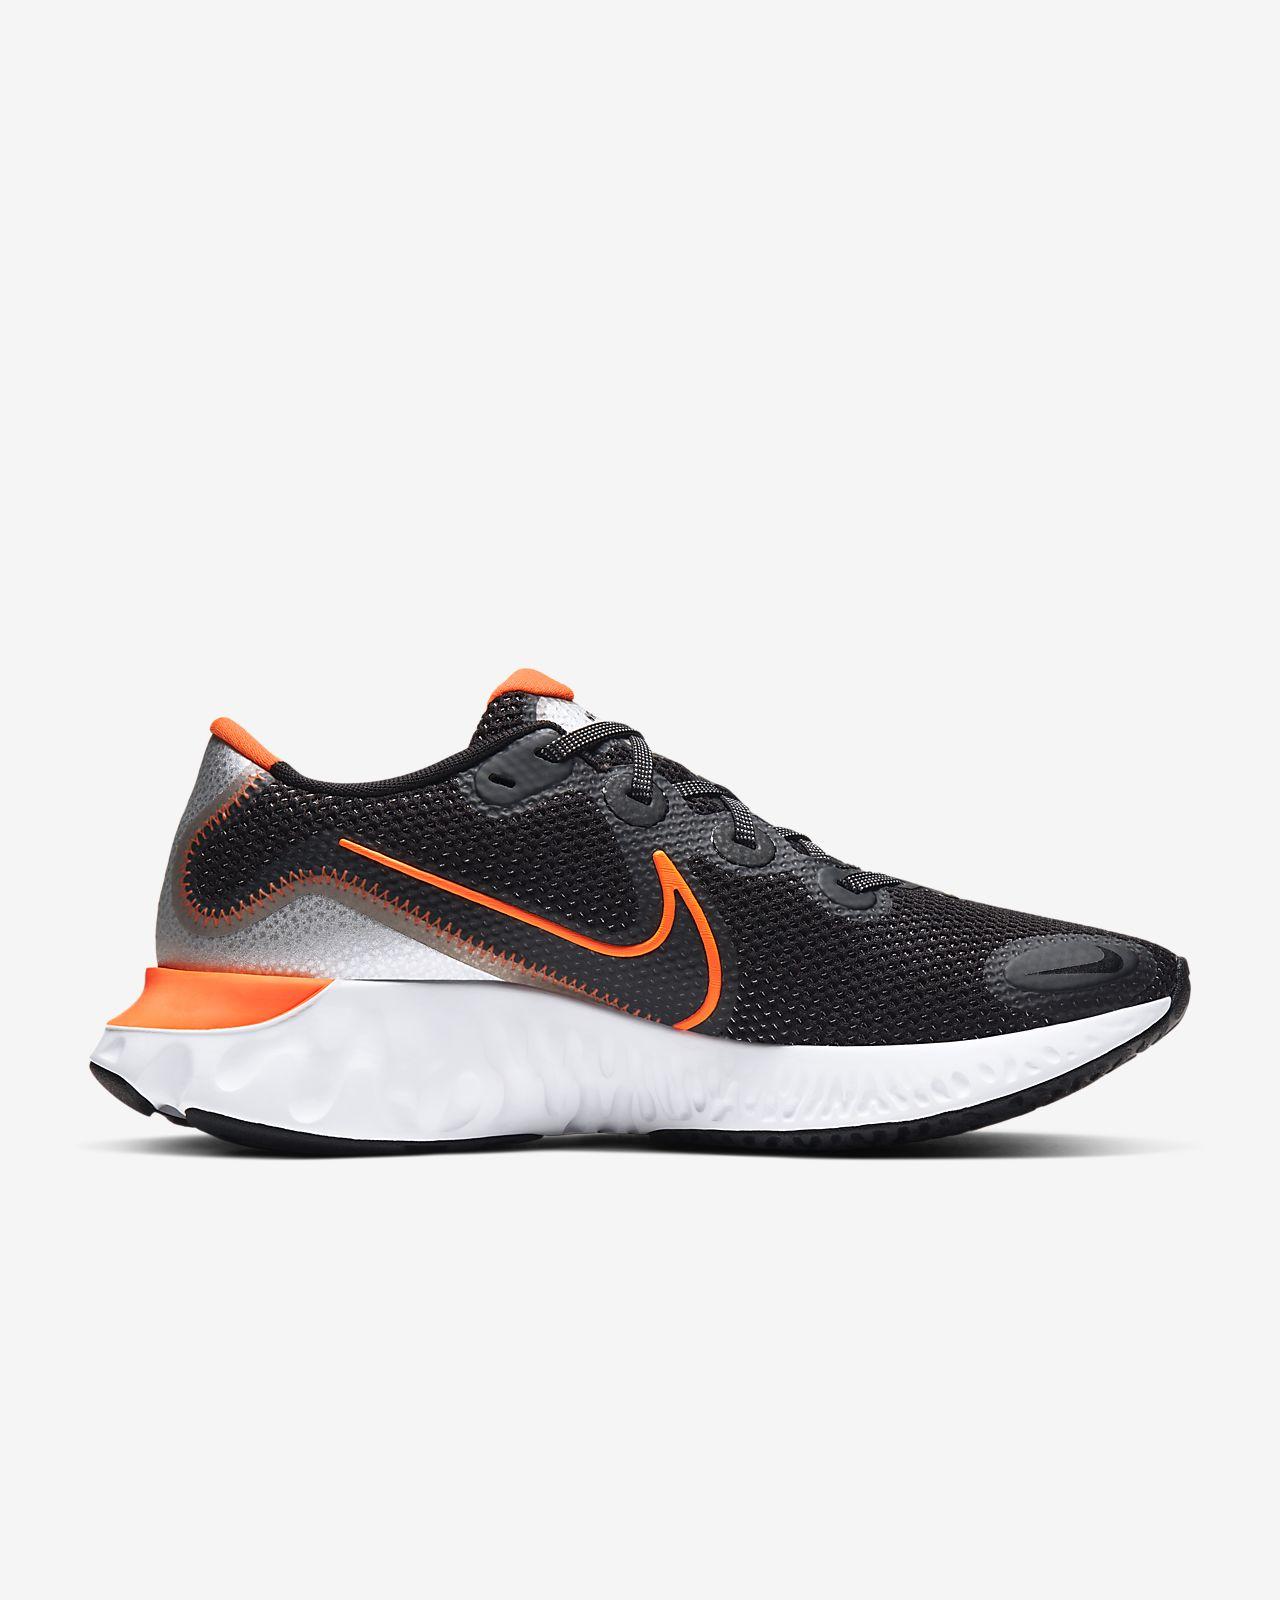 Recensione Nike Air Huarache Run Ultra, Scarpe da corsa